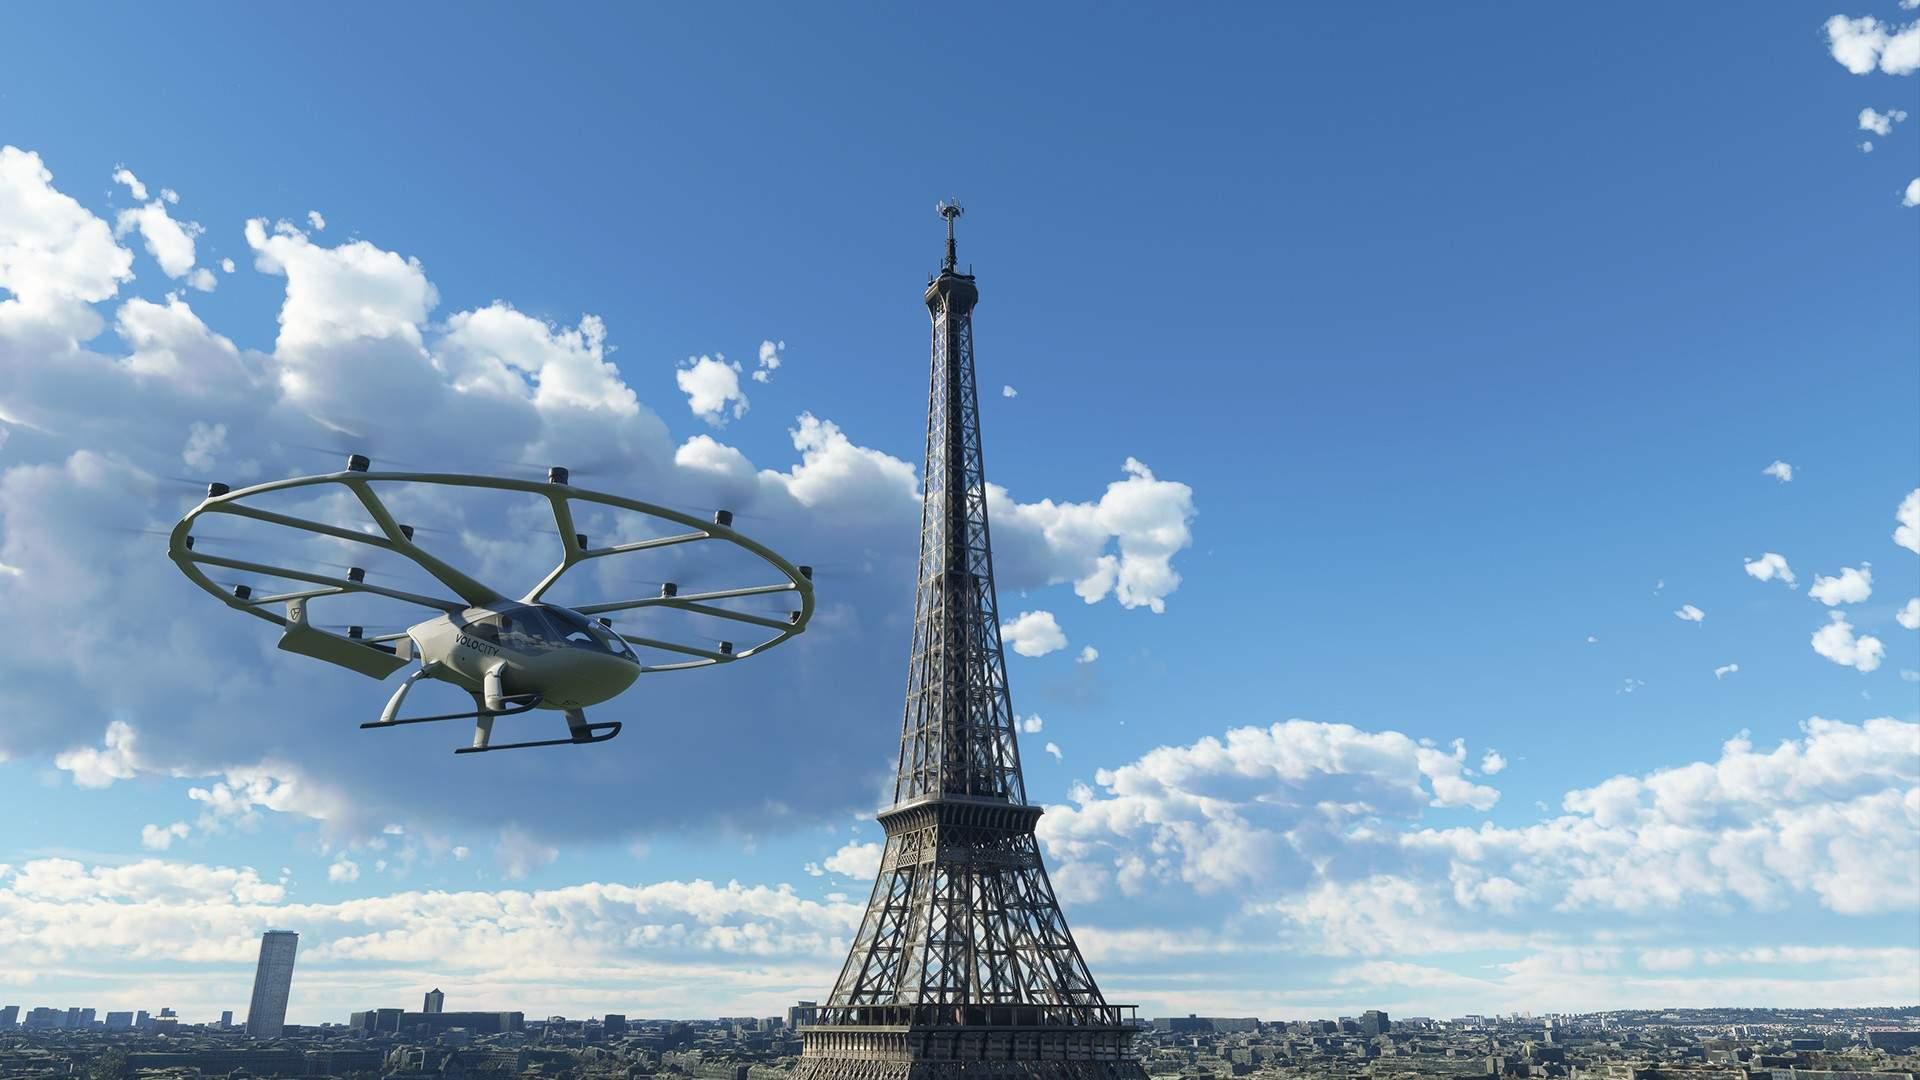 Microsoft Flight Simulator - VoloCity Air Taxi